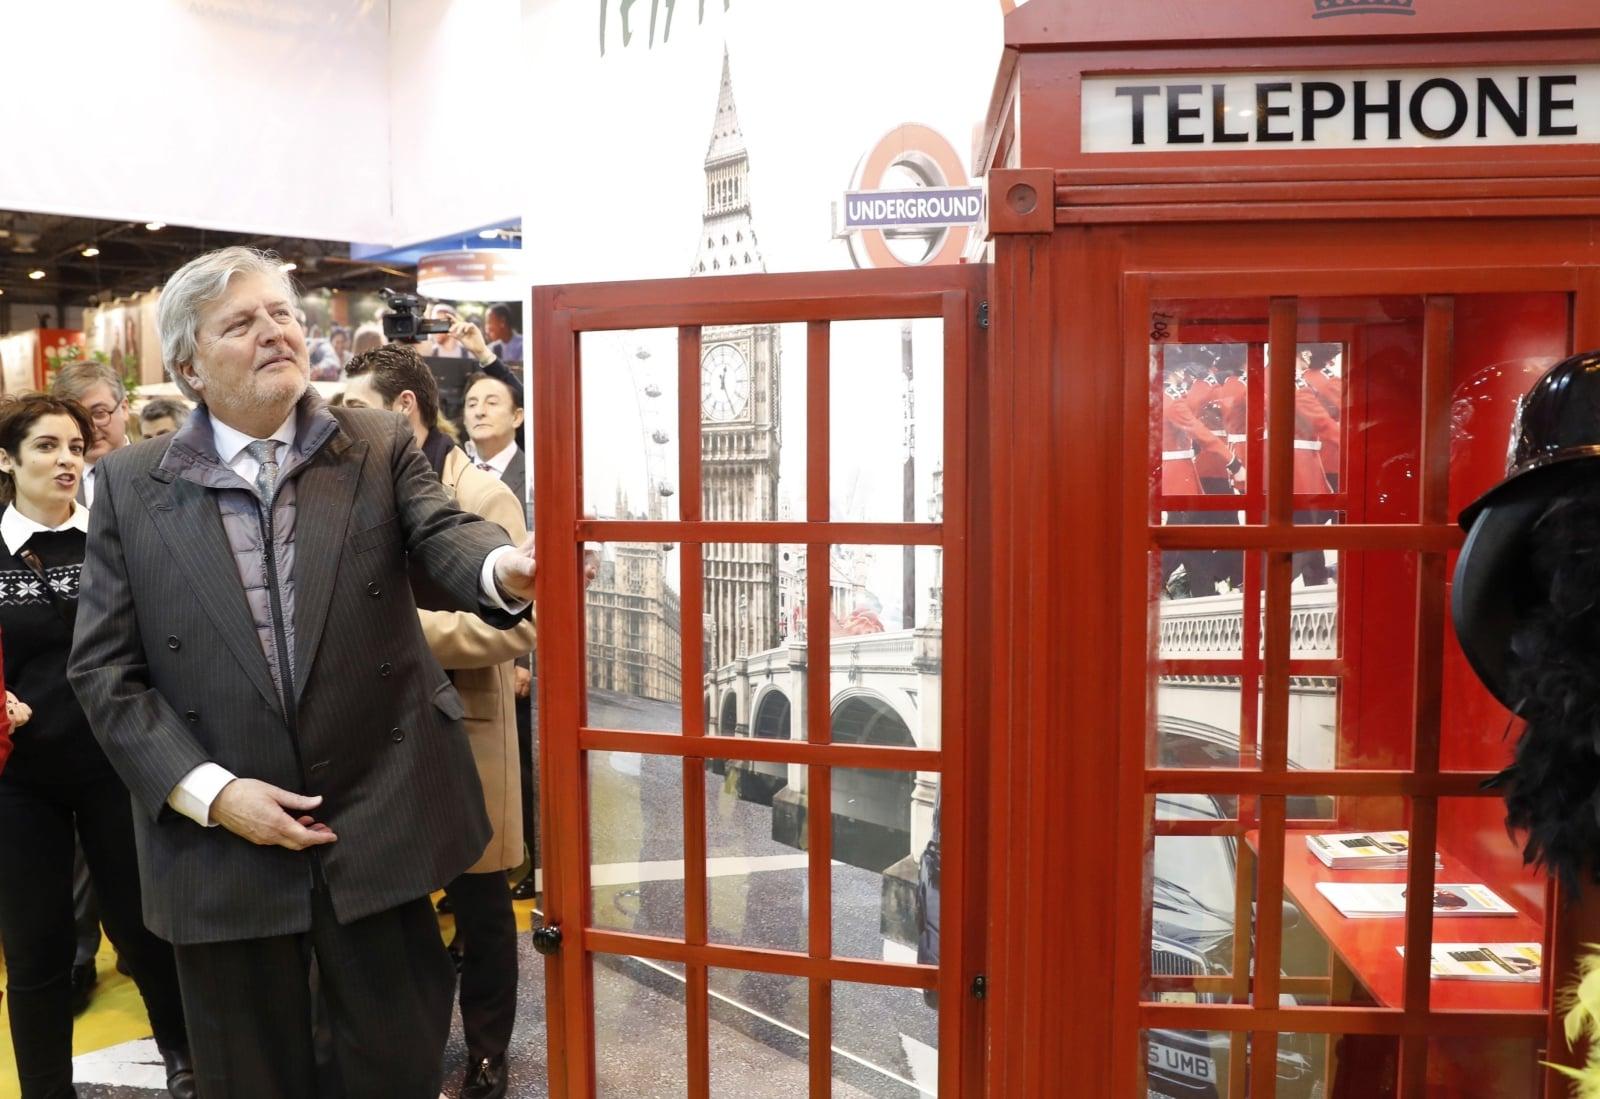 Hiszpański minister edukacji, kultury i sportu, Inigo Mendez de Vigo, uczestniczy w otwarciu 26. Międzynarodowej Wystawy Edukacyjnej AULA w Madrycie, fot. EPA/Chema Moya